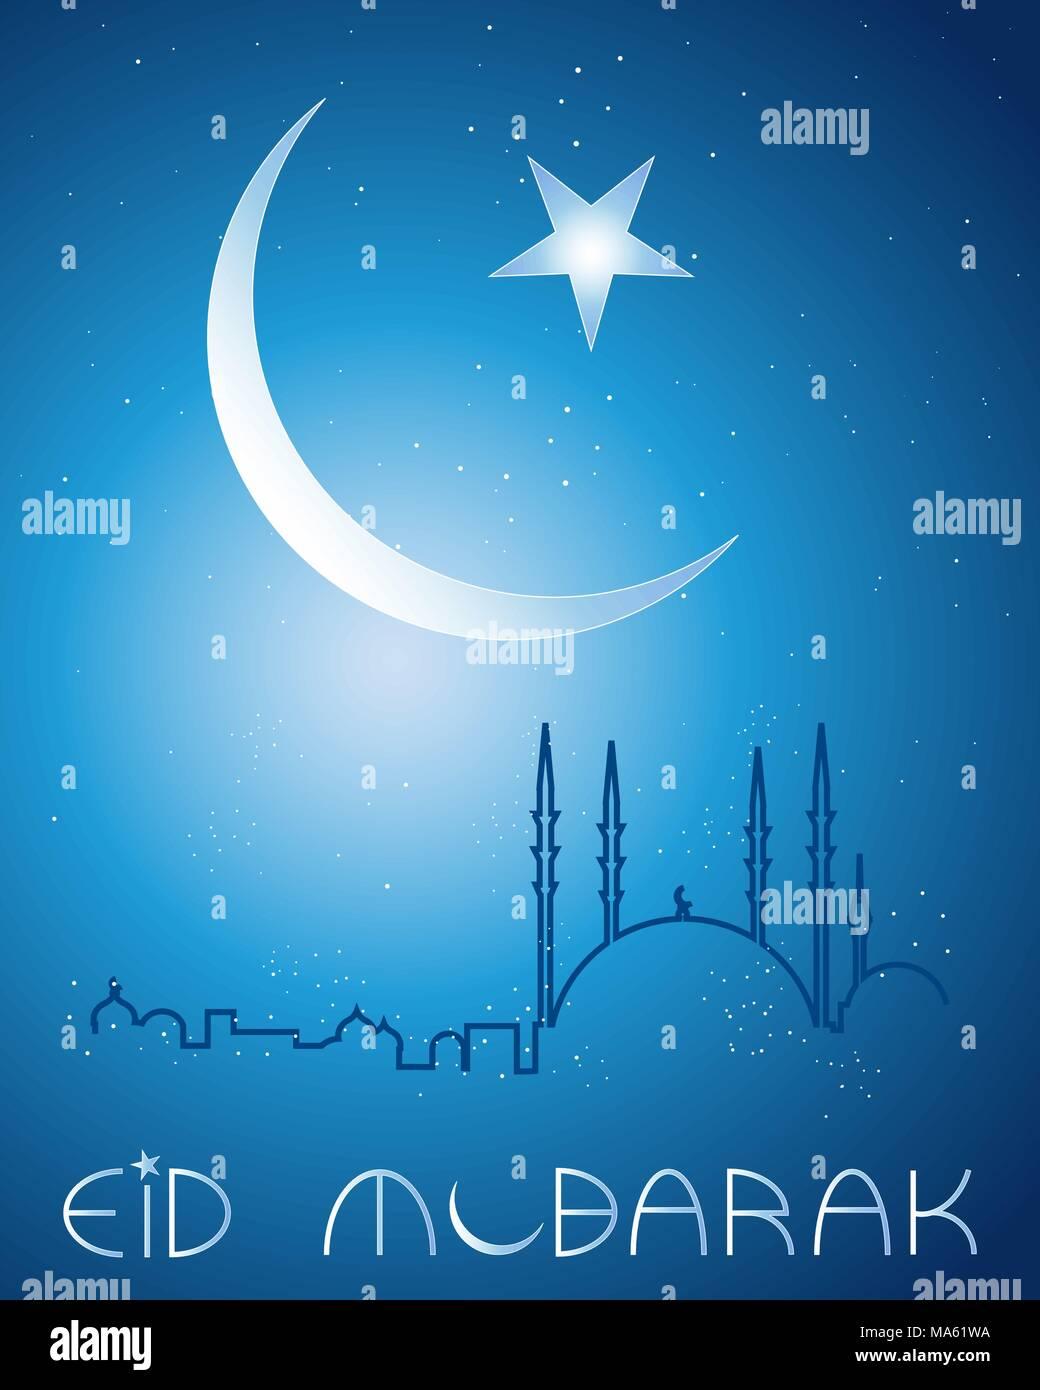 Una illustrazione vettoriale in formato eps formato 10 di un festival di Eid greeting card sfondo con luna crescente stelle e una moschea astratta skyline Immagini Stock